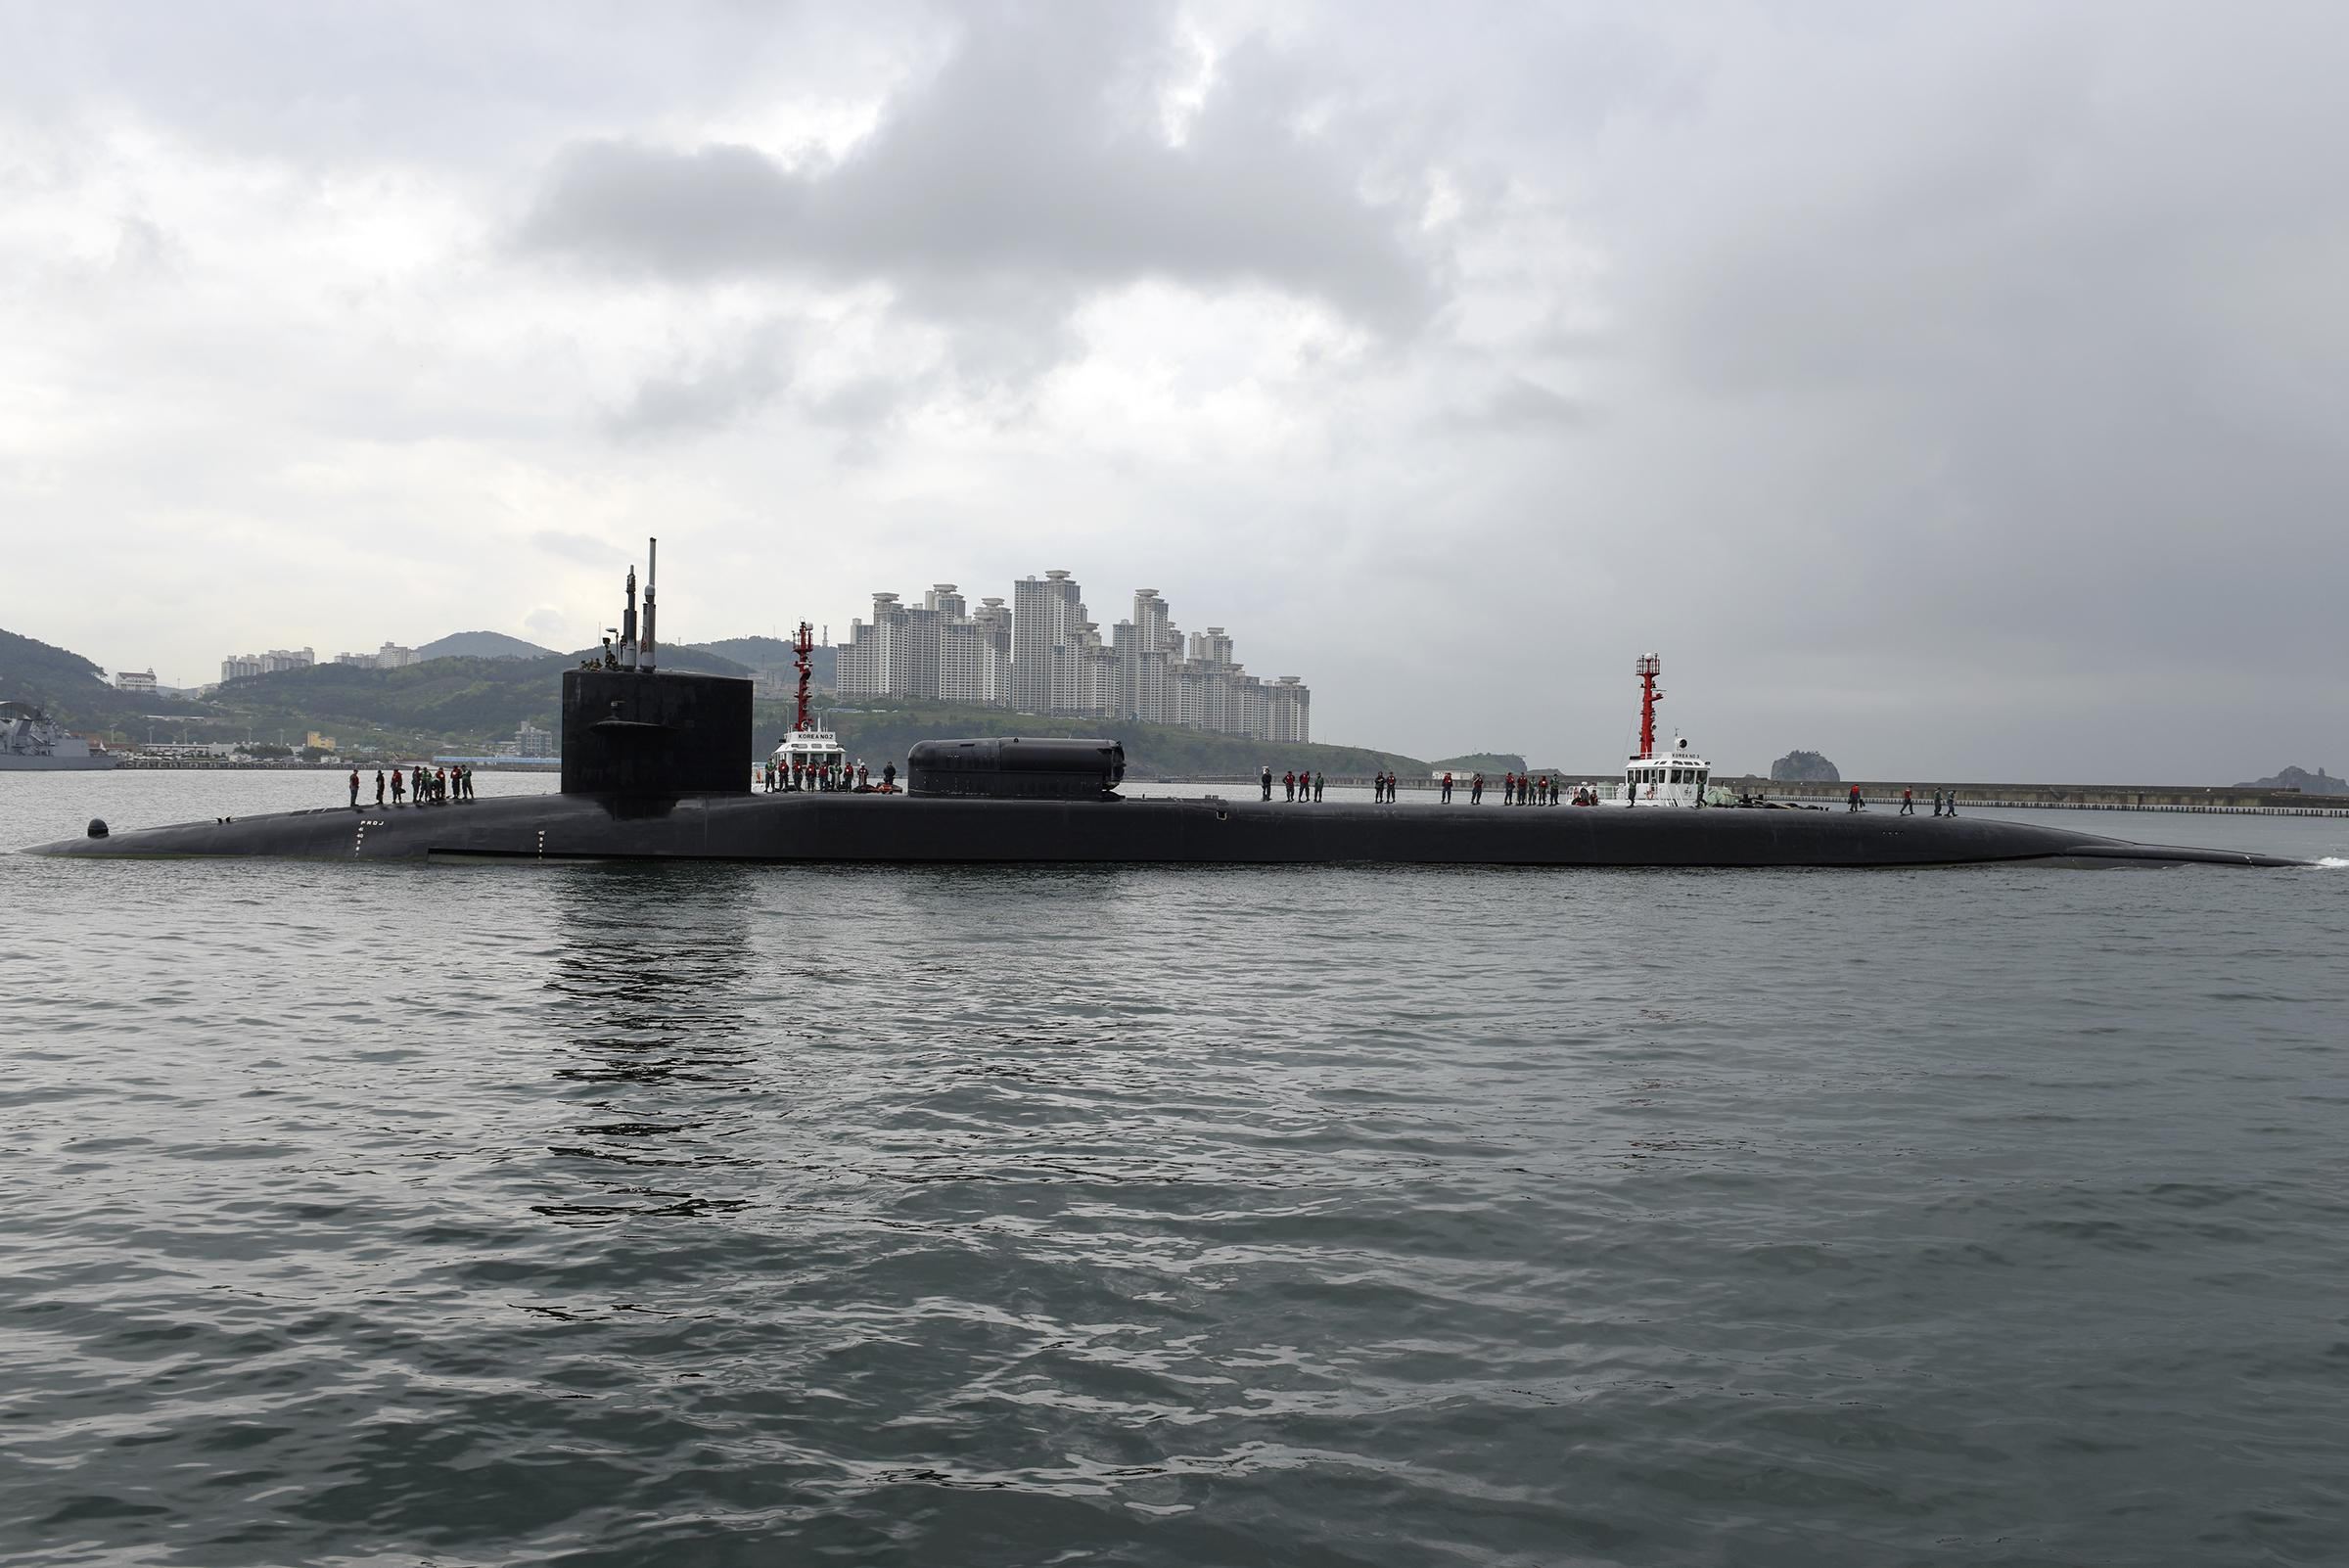 哭穷?美海军抱怨无钱维护潜艇 与华差距被拉大